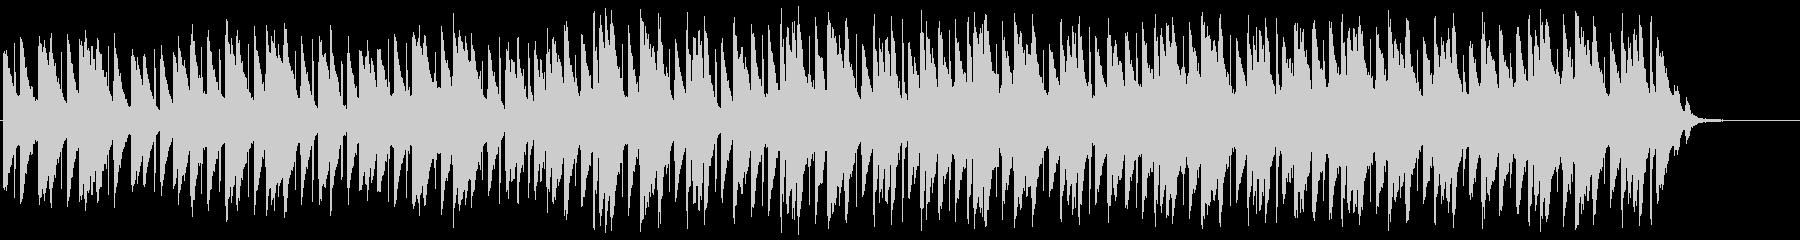 シネマティック、チルアウト、ヒーリングの未再生の波形